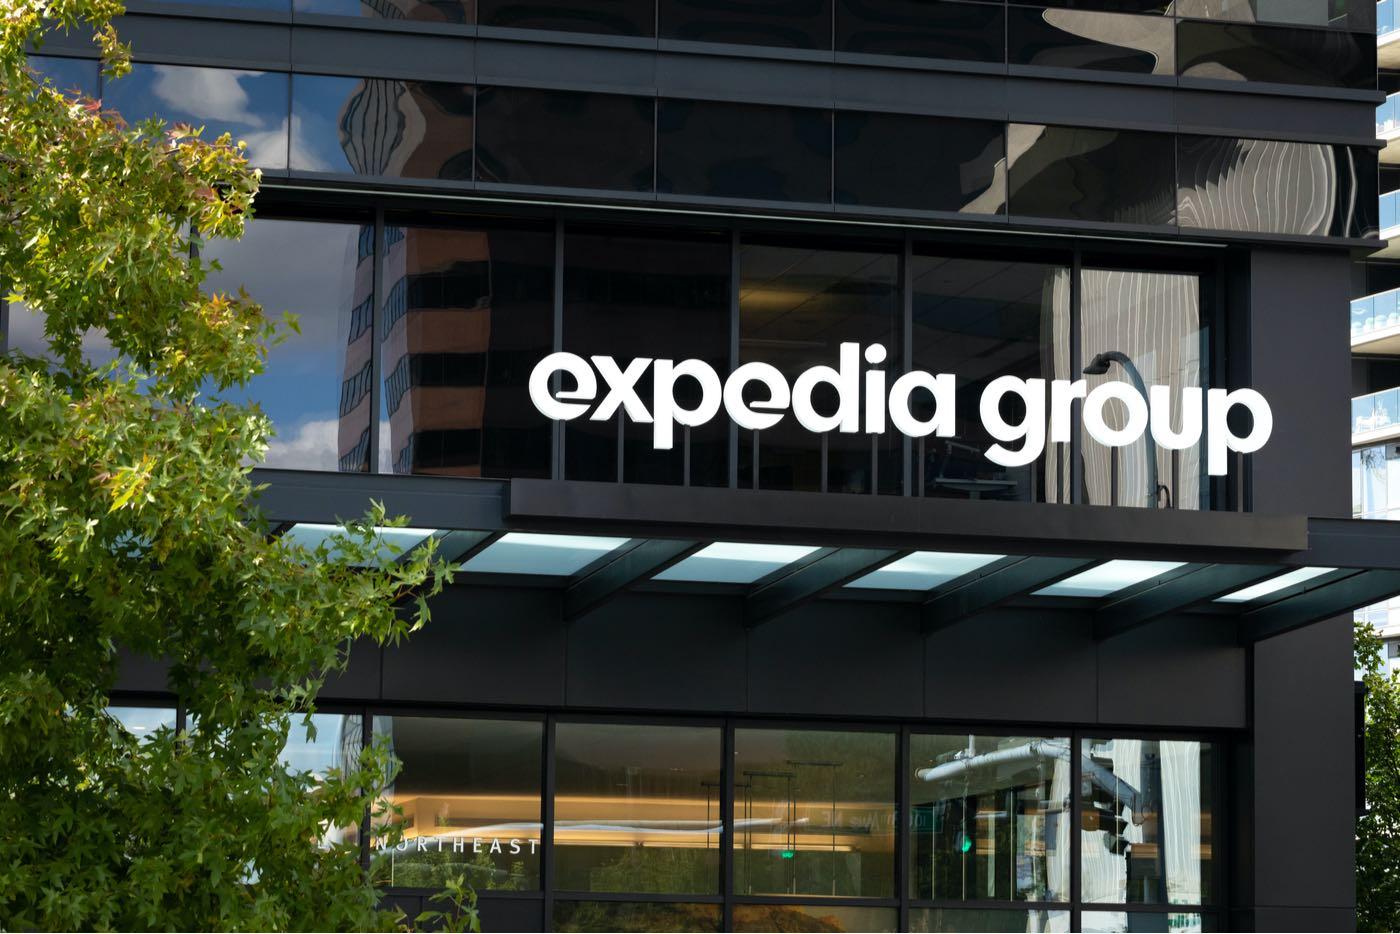 Expedia Group aportará 275 millones de dólares para la recuperación de los socios de viaje